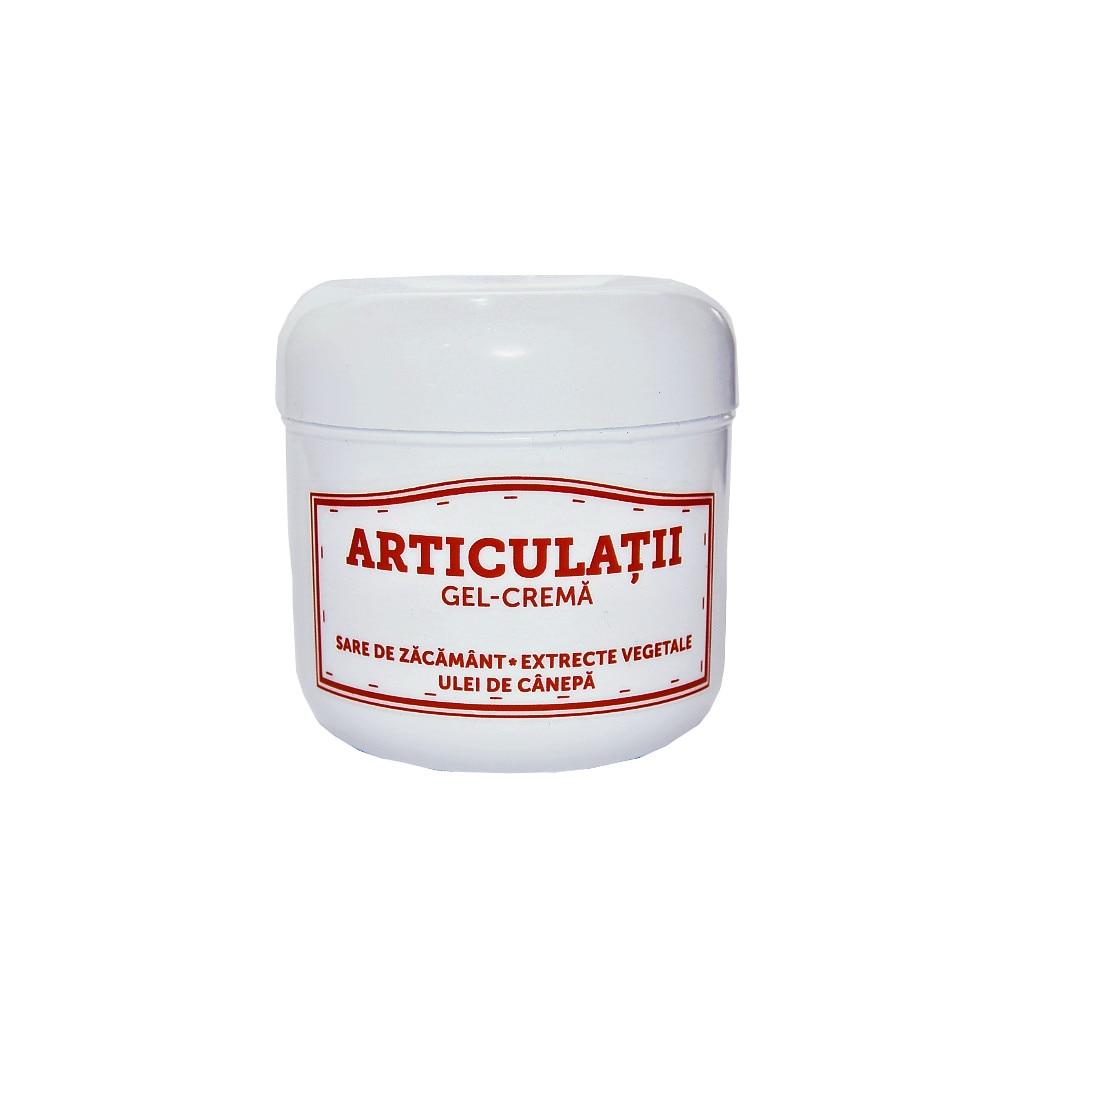 gel pentru articulații pentru a cumpăra atracție criză și durere în articulația temporală